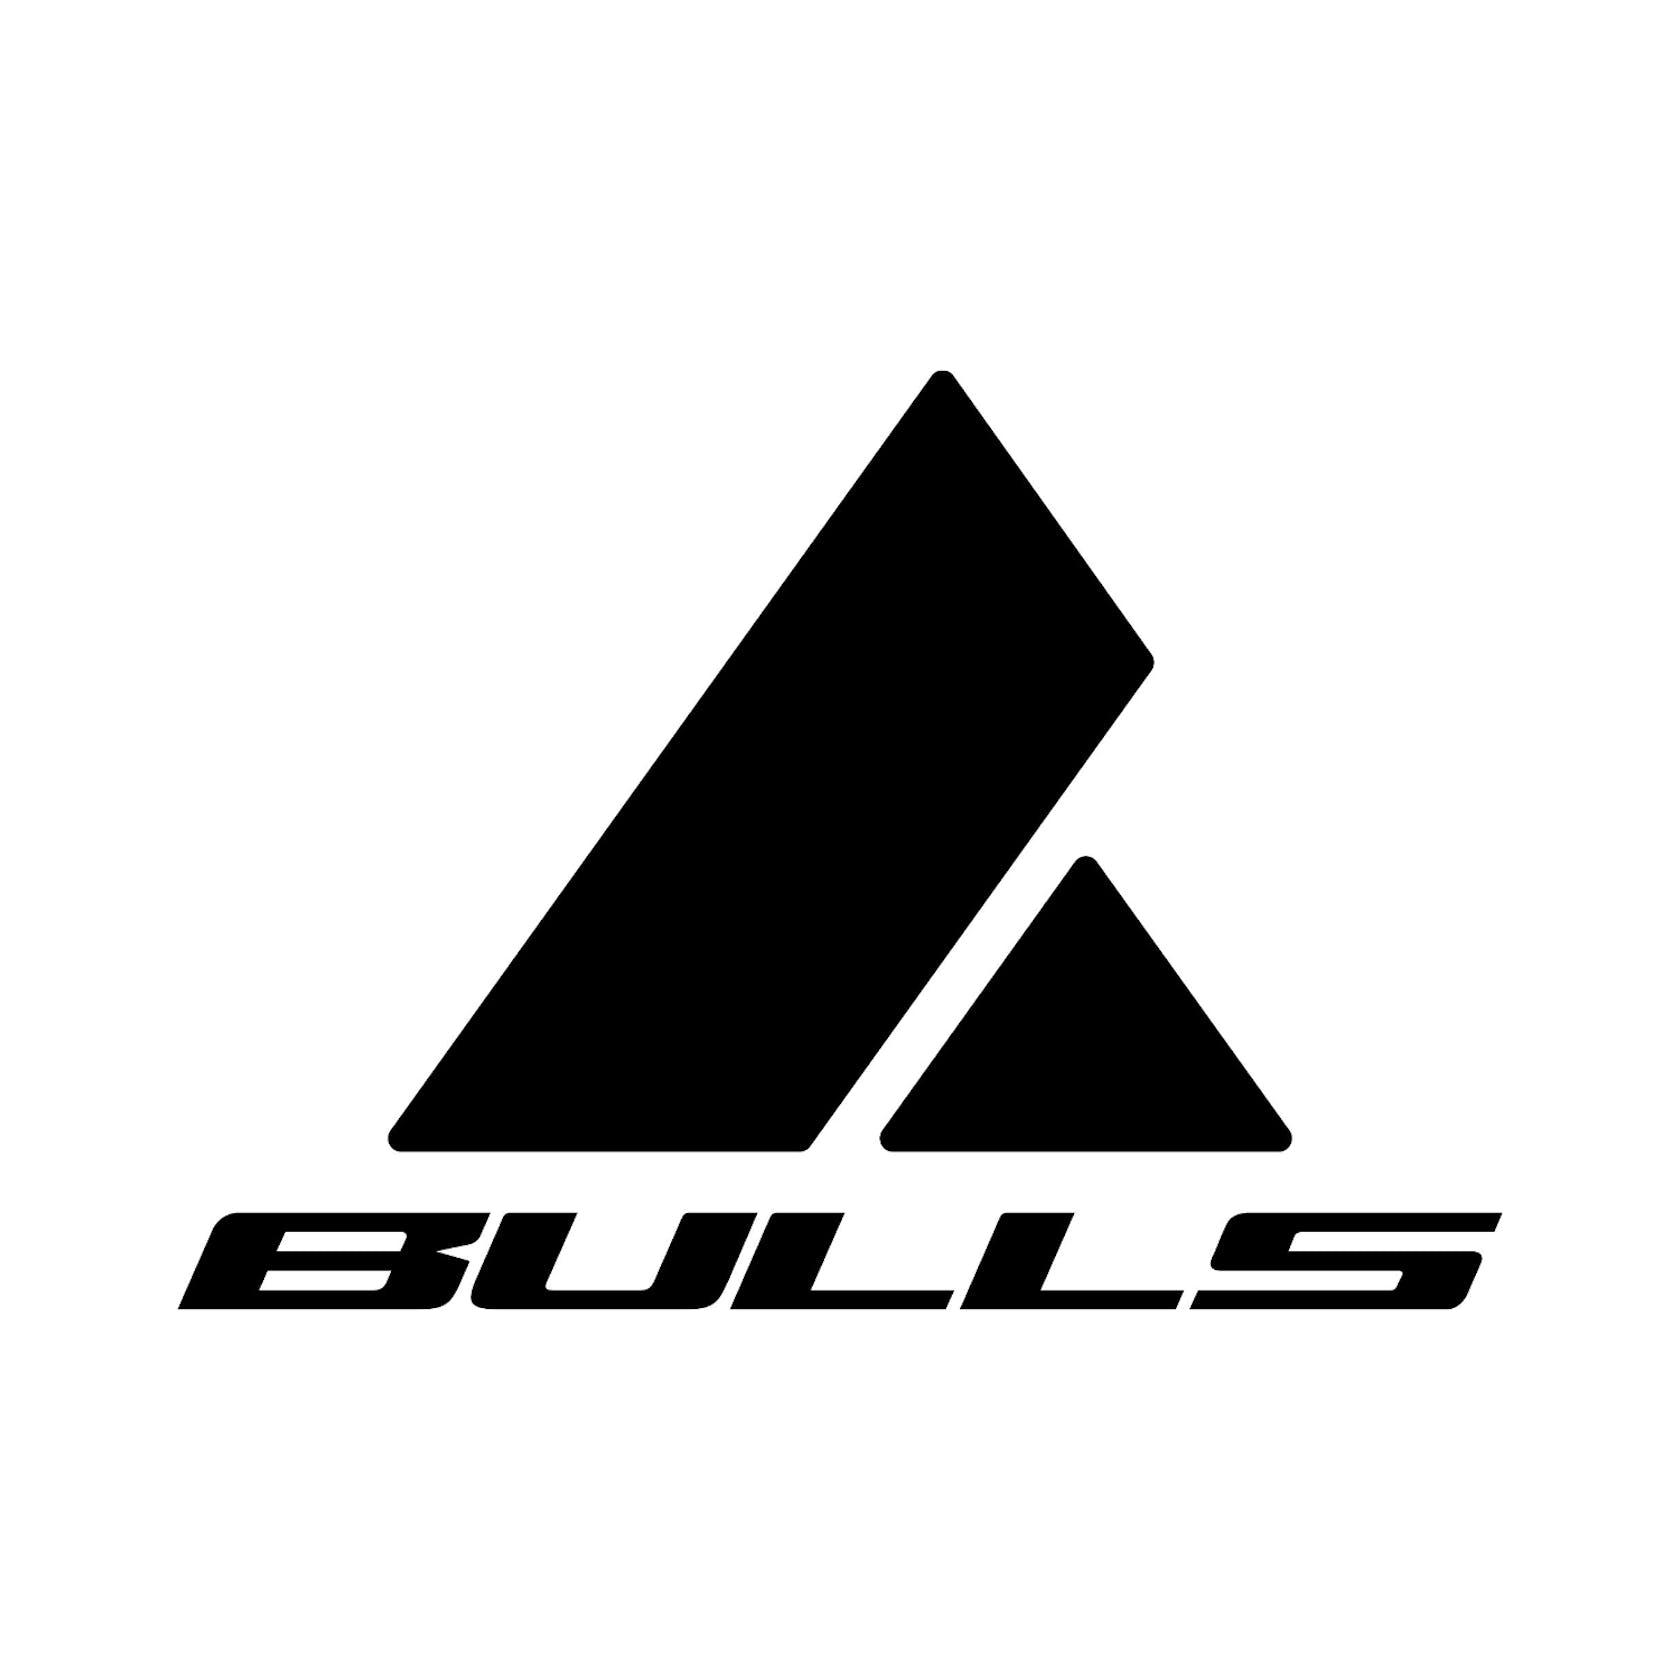 Bulls shop online